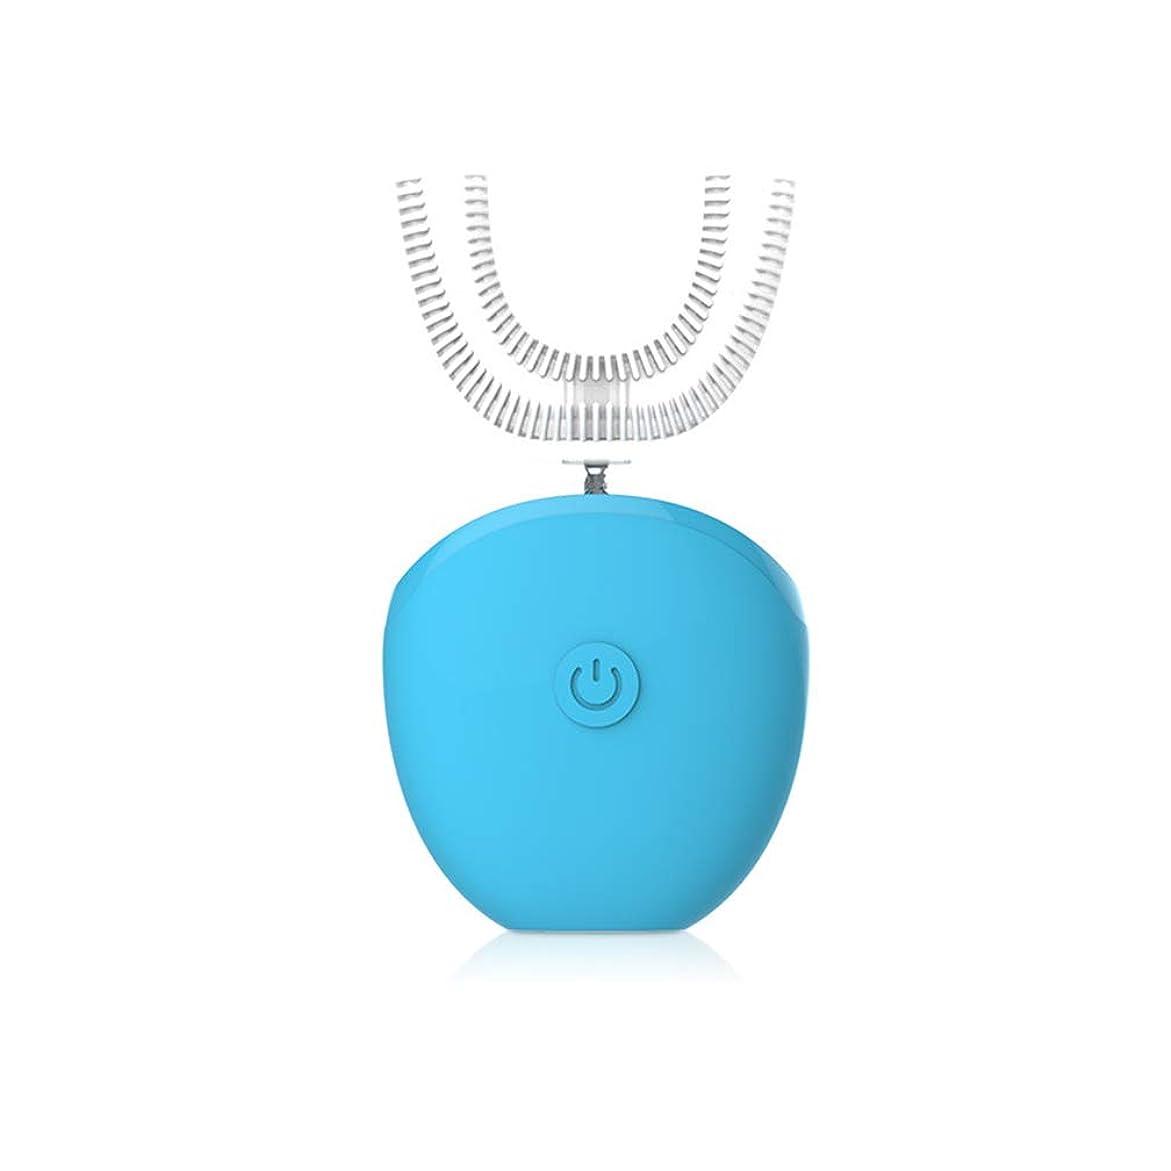 ドラフトピラミッドハシー全自動電動歯ブラシ、360°超音波歯ブラシ、15秒での高速ブラッシング、Lazy Tooth Cleaner、ワイヤレス充電ドック,Blue